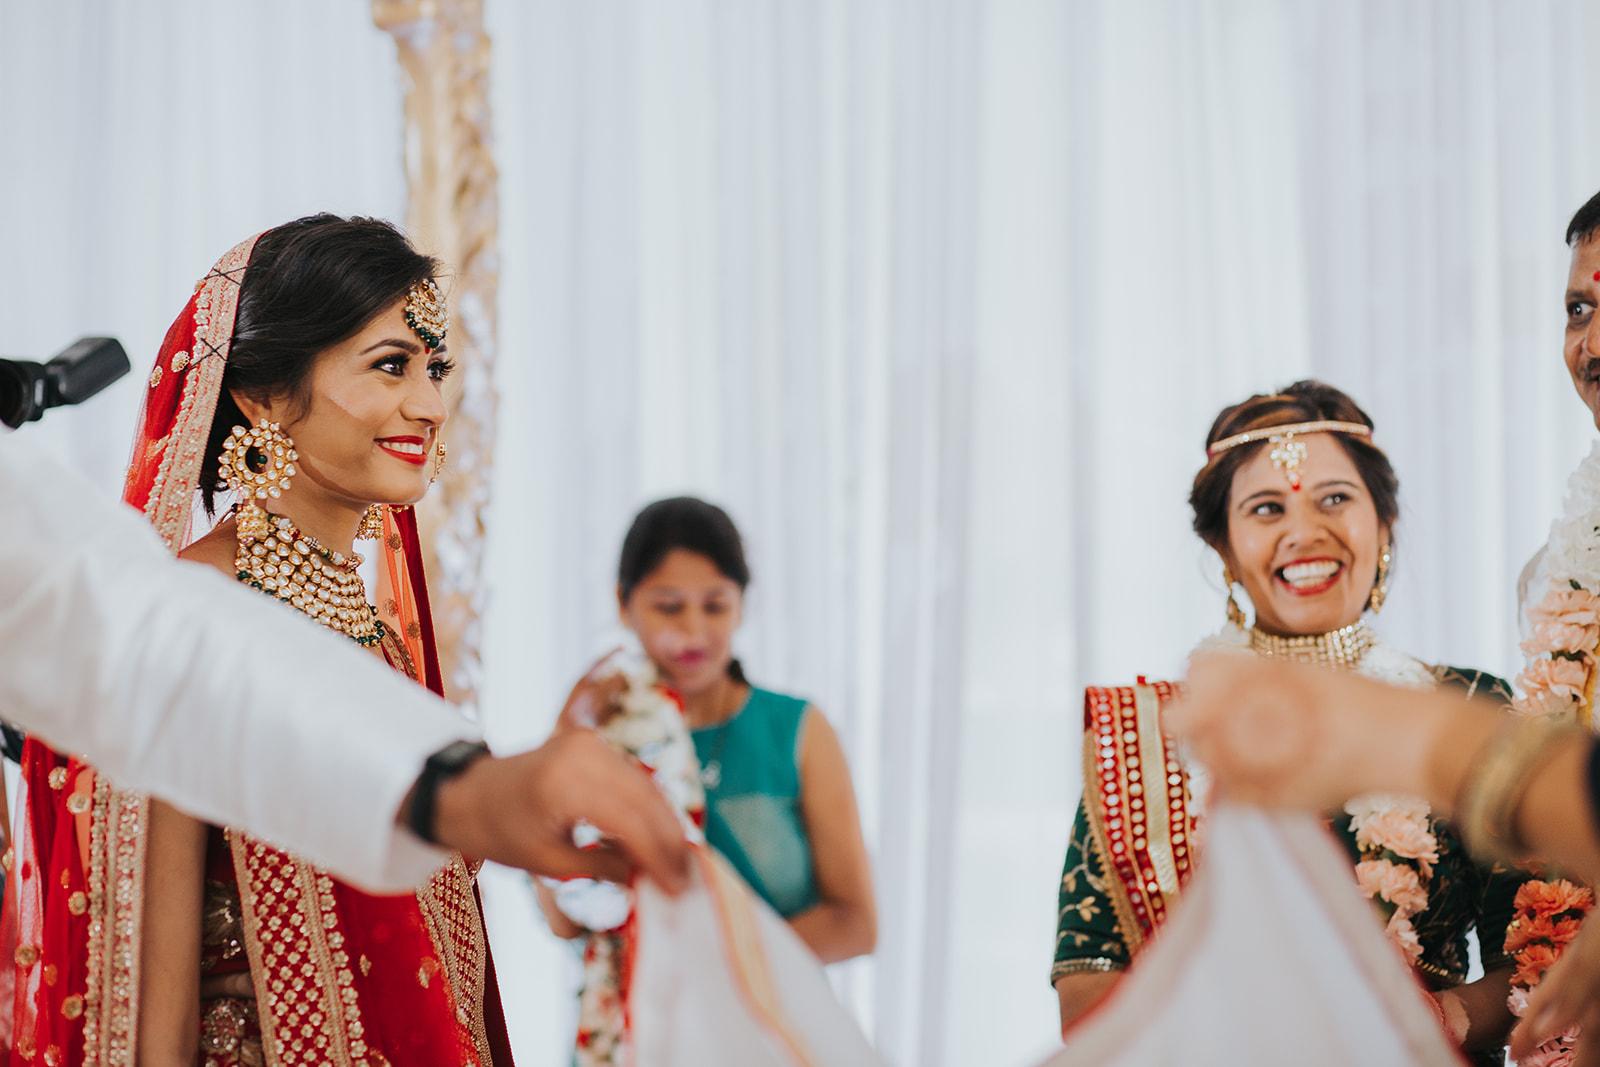 Le Cape Weddings - Ceremony - Rimi and Rohun -38.jpg